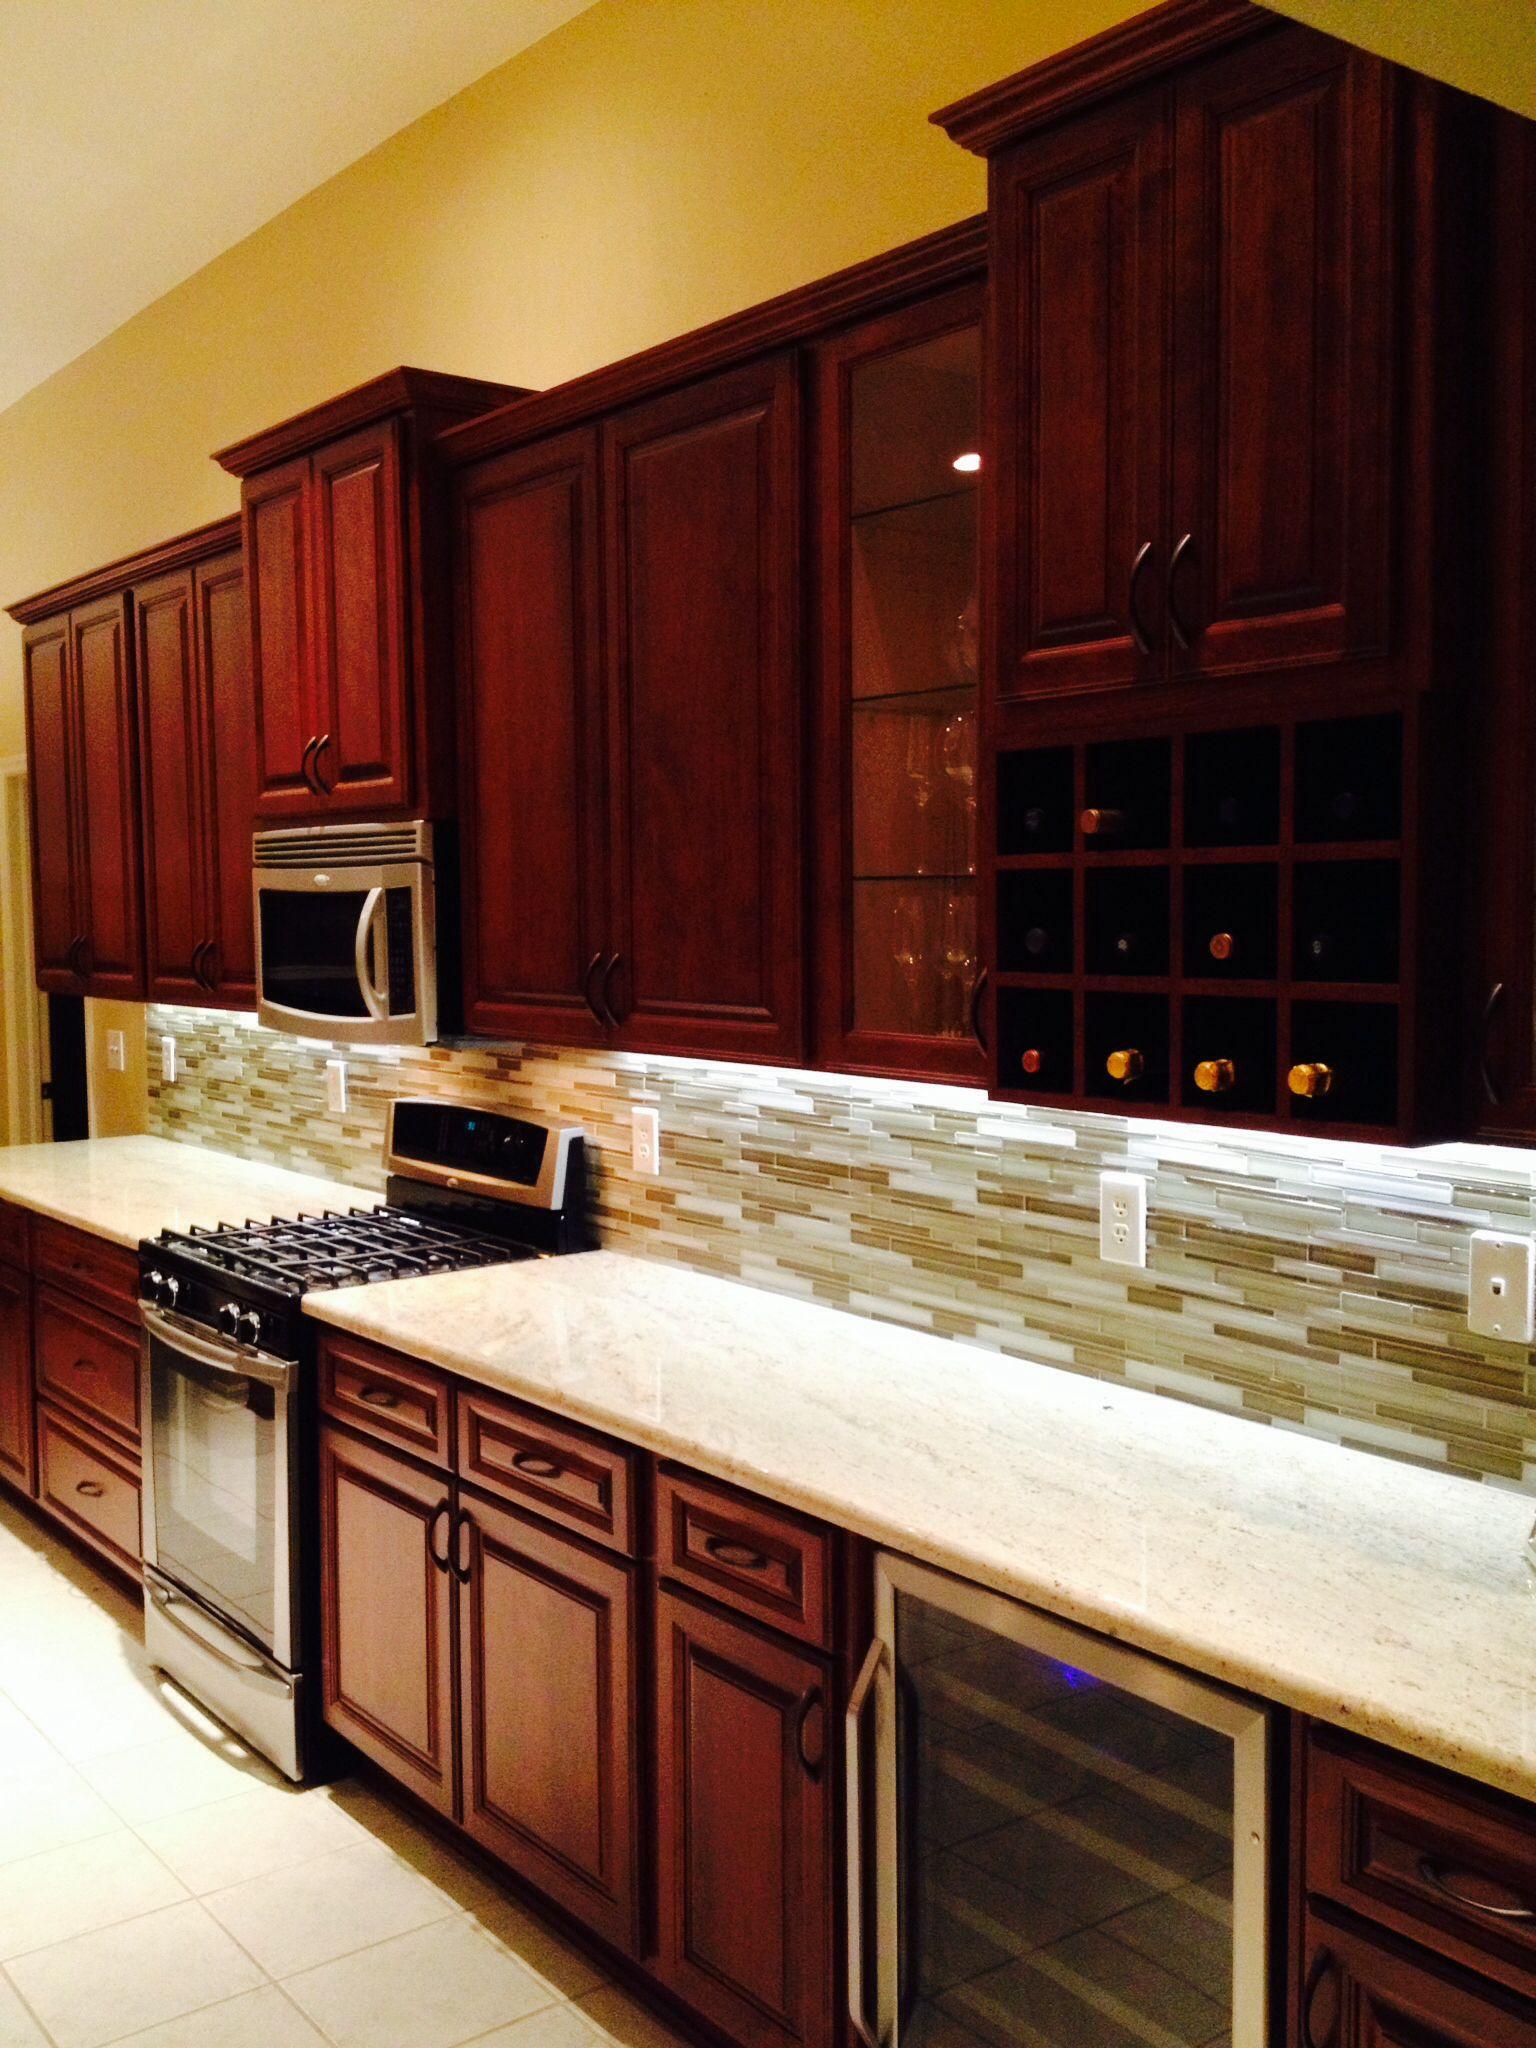 Kitchen Designed By Kelly Marie Interior Design Www Kellymarieinteriordesign Com Cherry Wood Cabinets With Gla Cherry Wood Kitchens Wood Kitchen Timber Kitchen